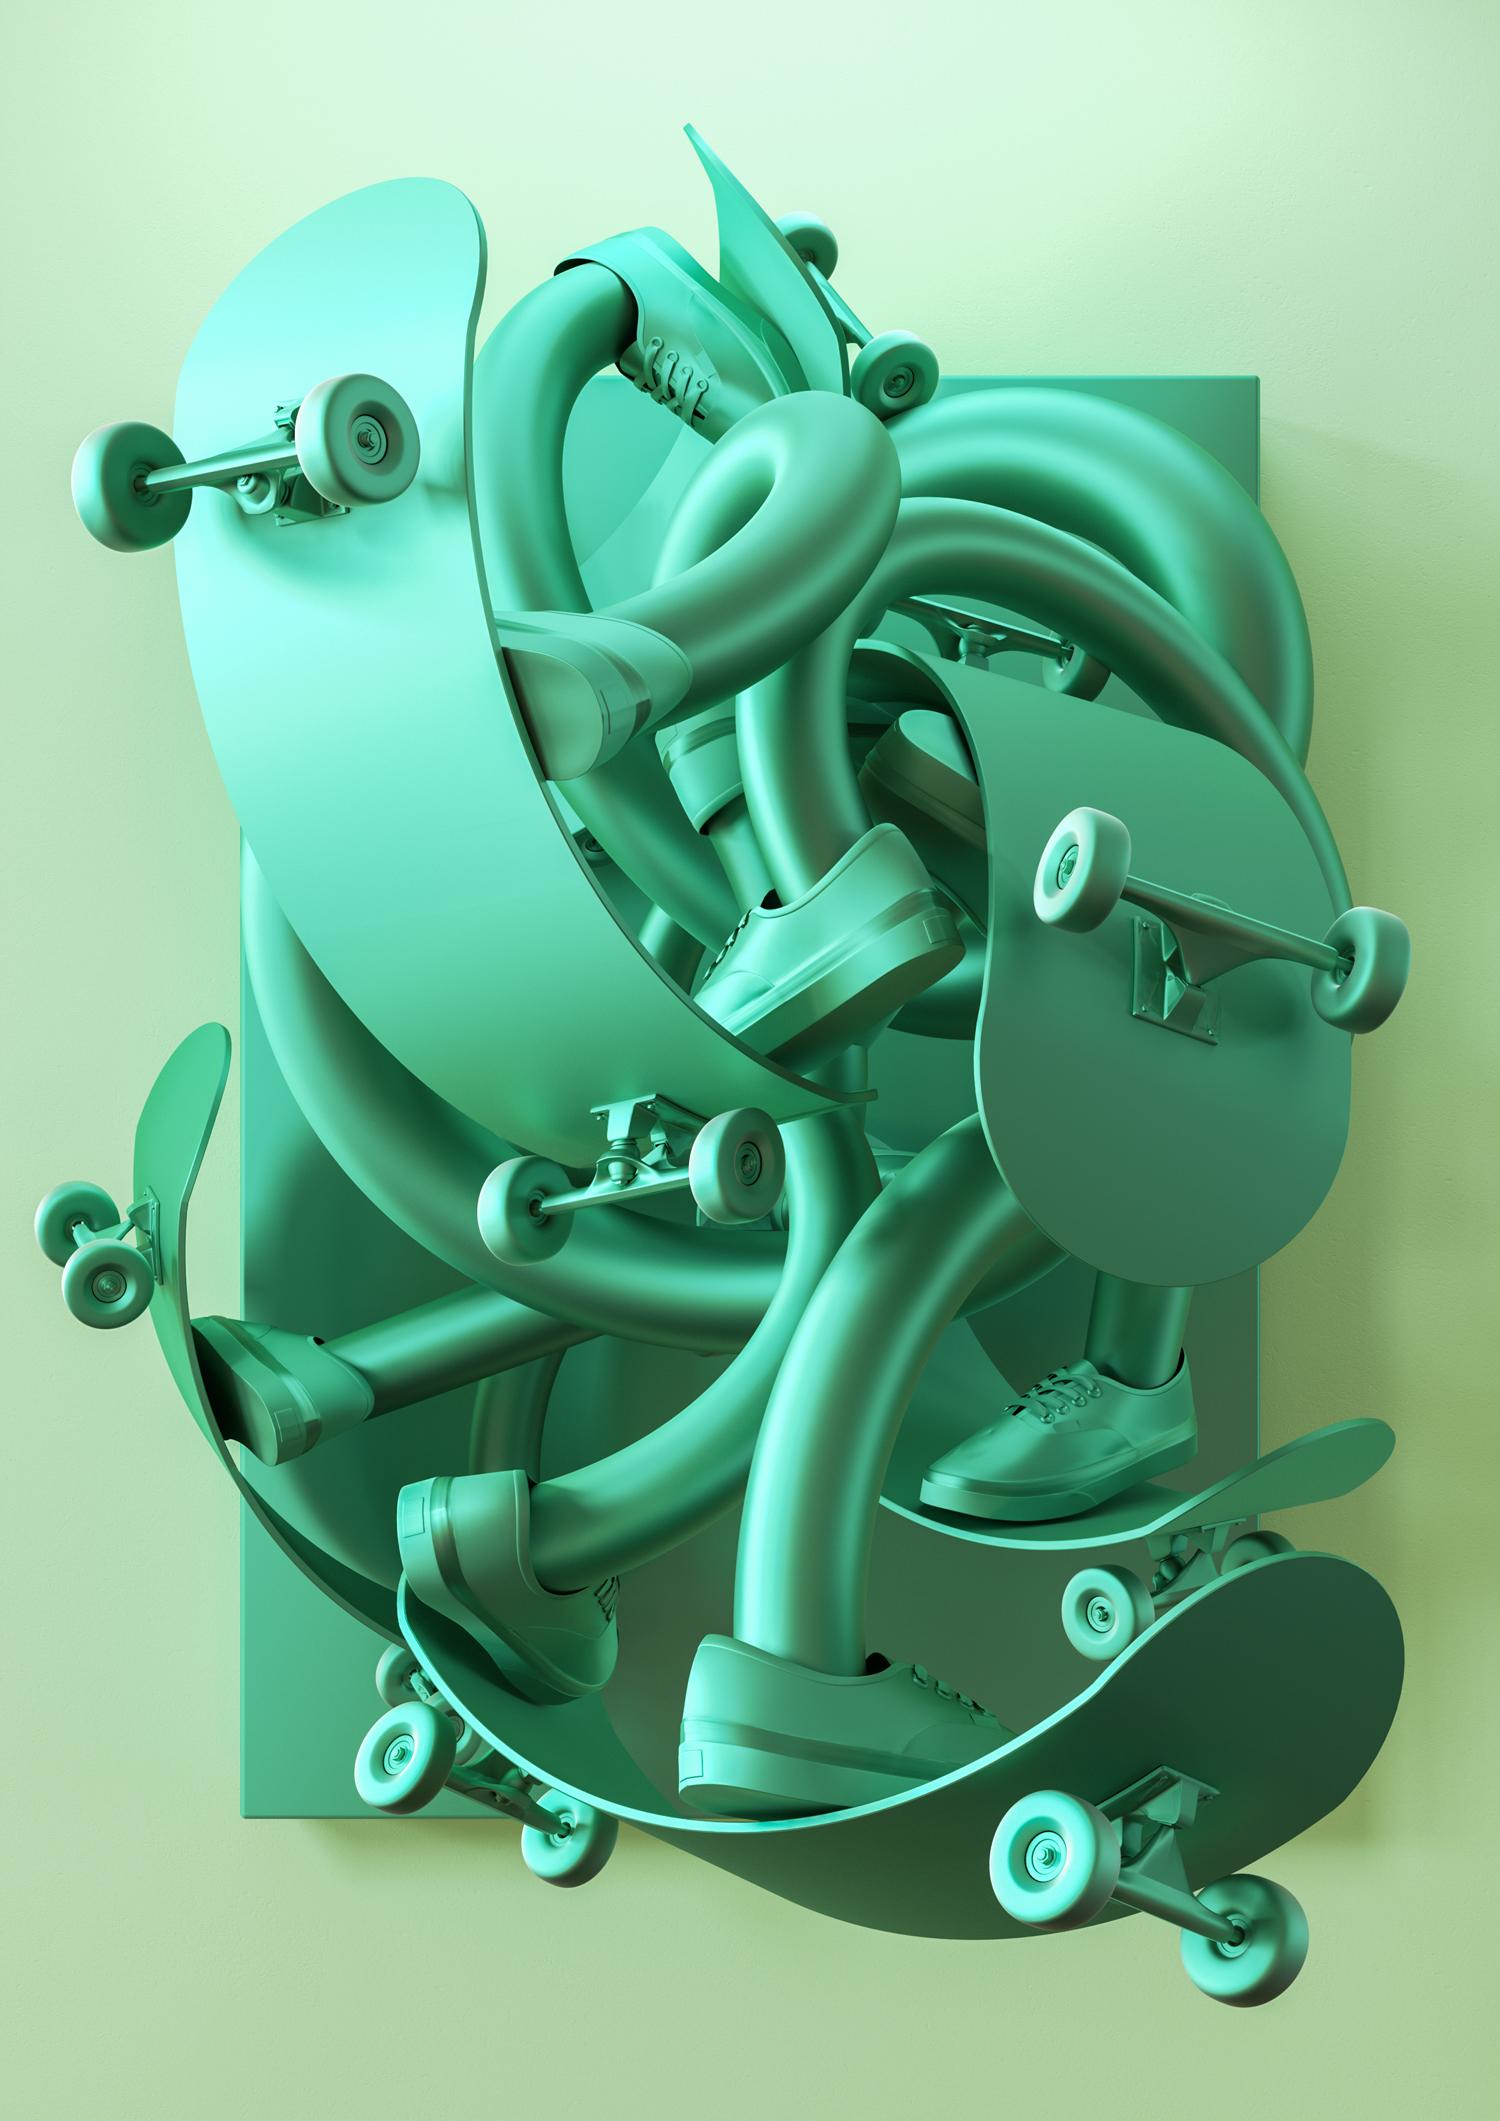 SculpturalExpressions_Ben_Fearnley_Skateboarding_02.jpg